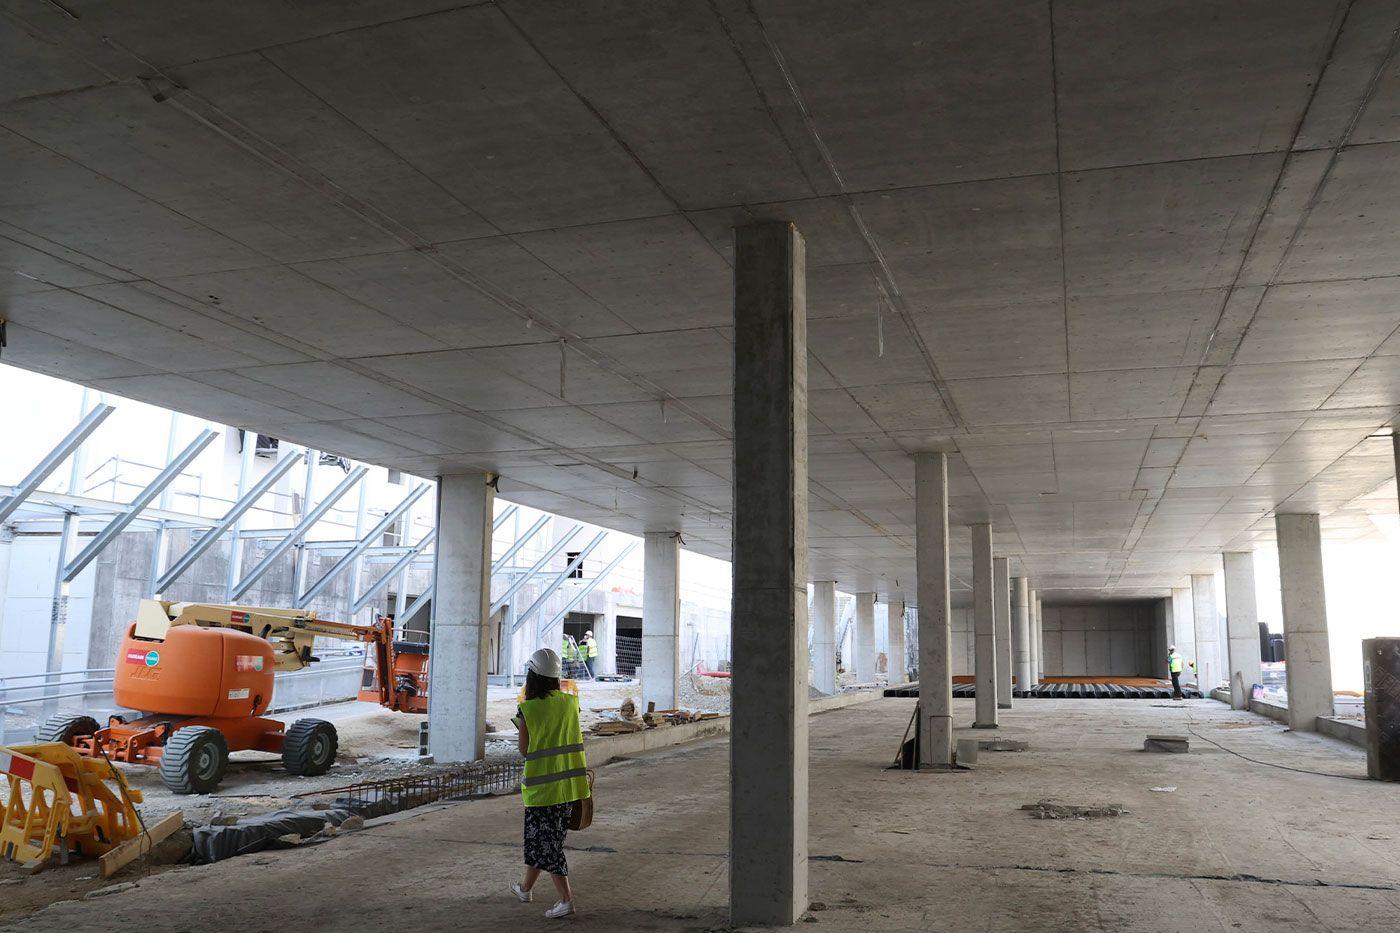 Vista interior de la futura terminal de buses